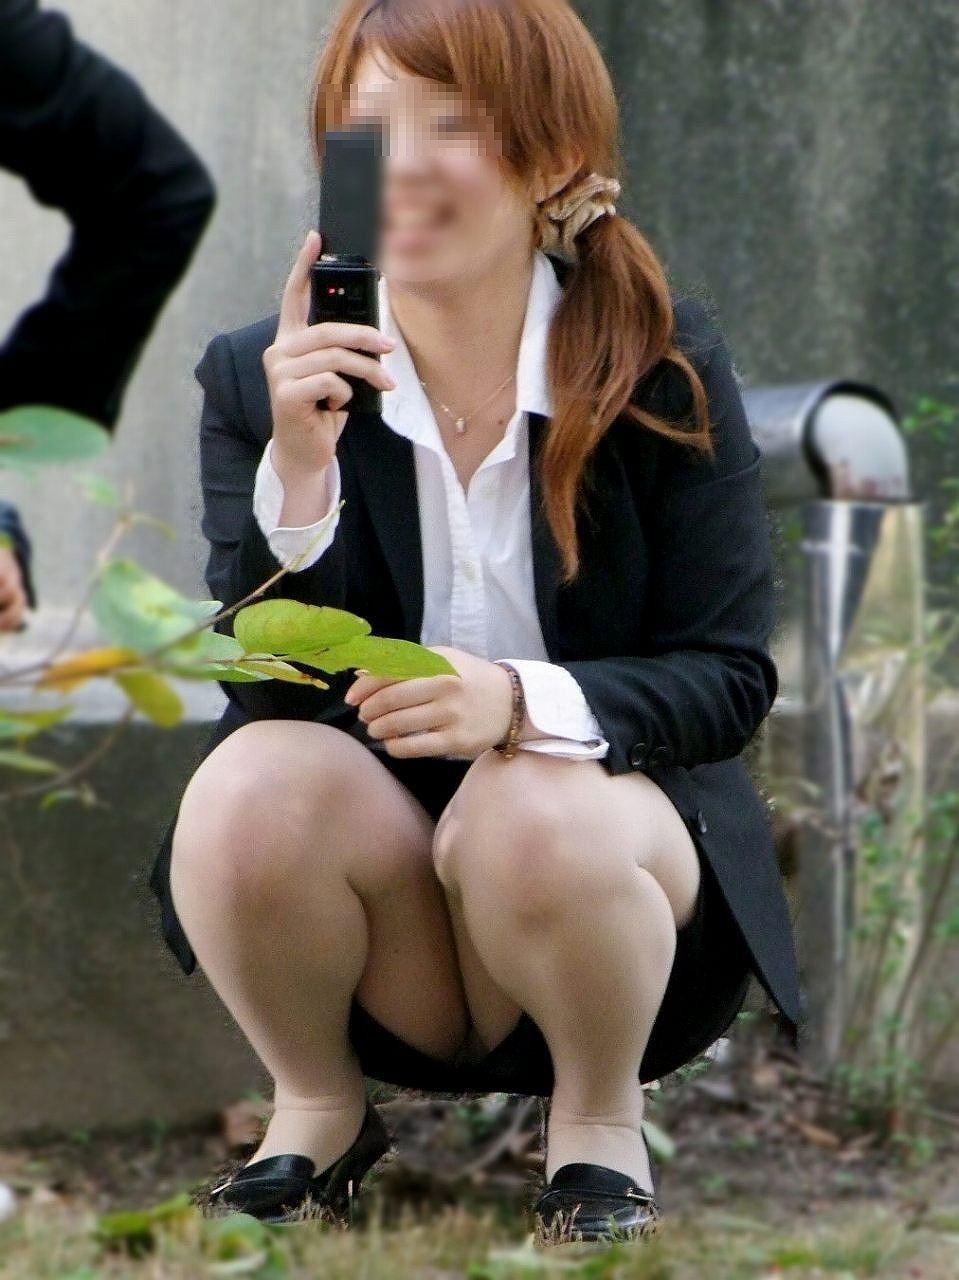 【パンチラエロ画像】猫背はやめときw携帯に夢中で脚開く女のパンチラwww 06